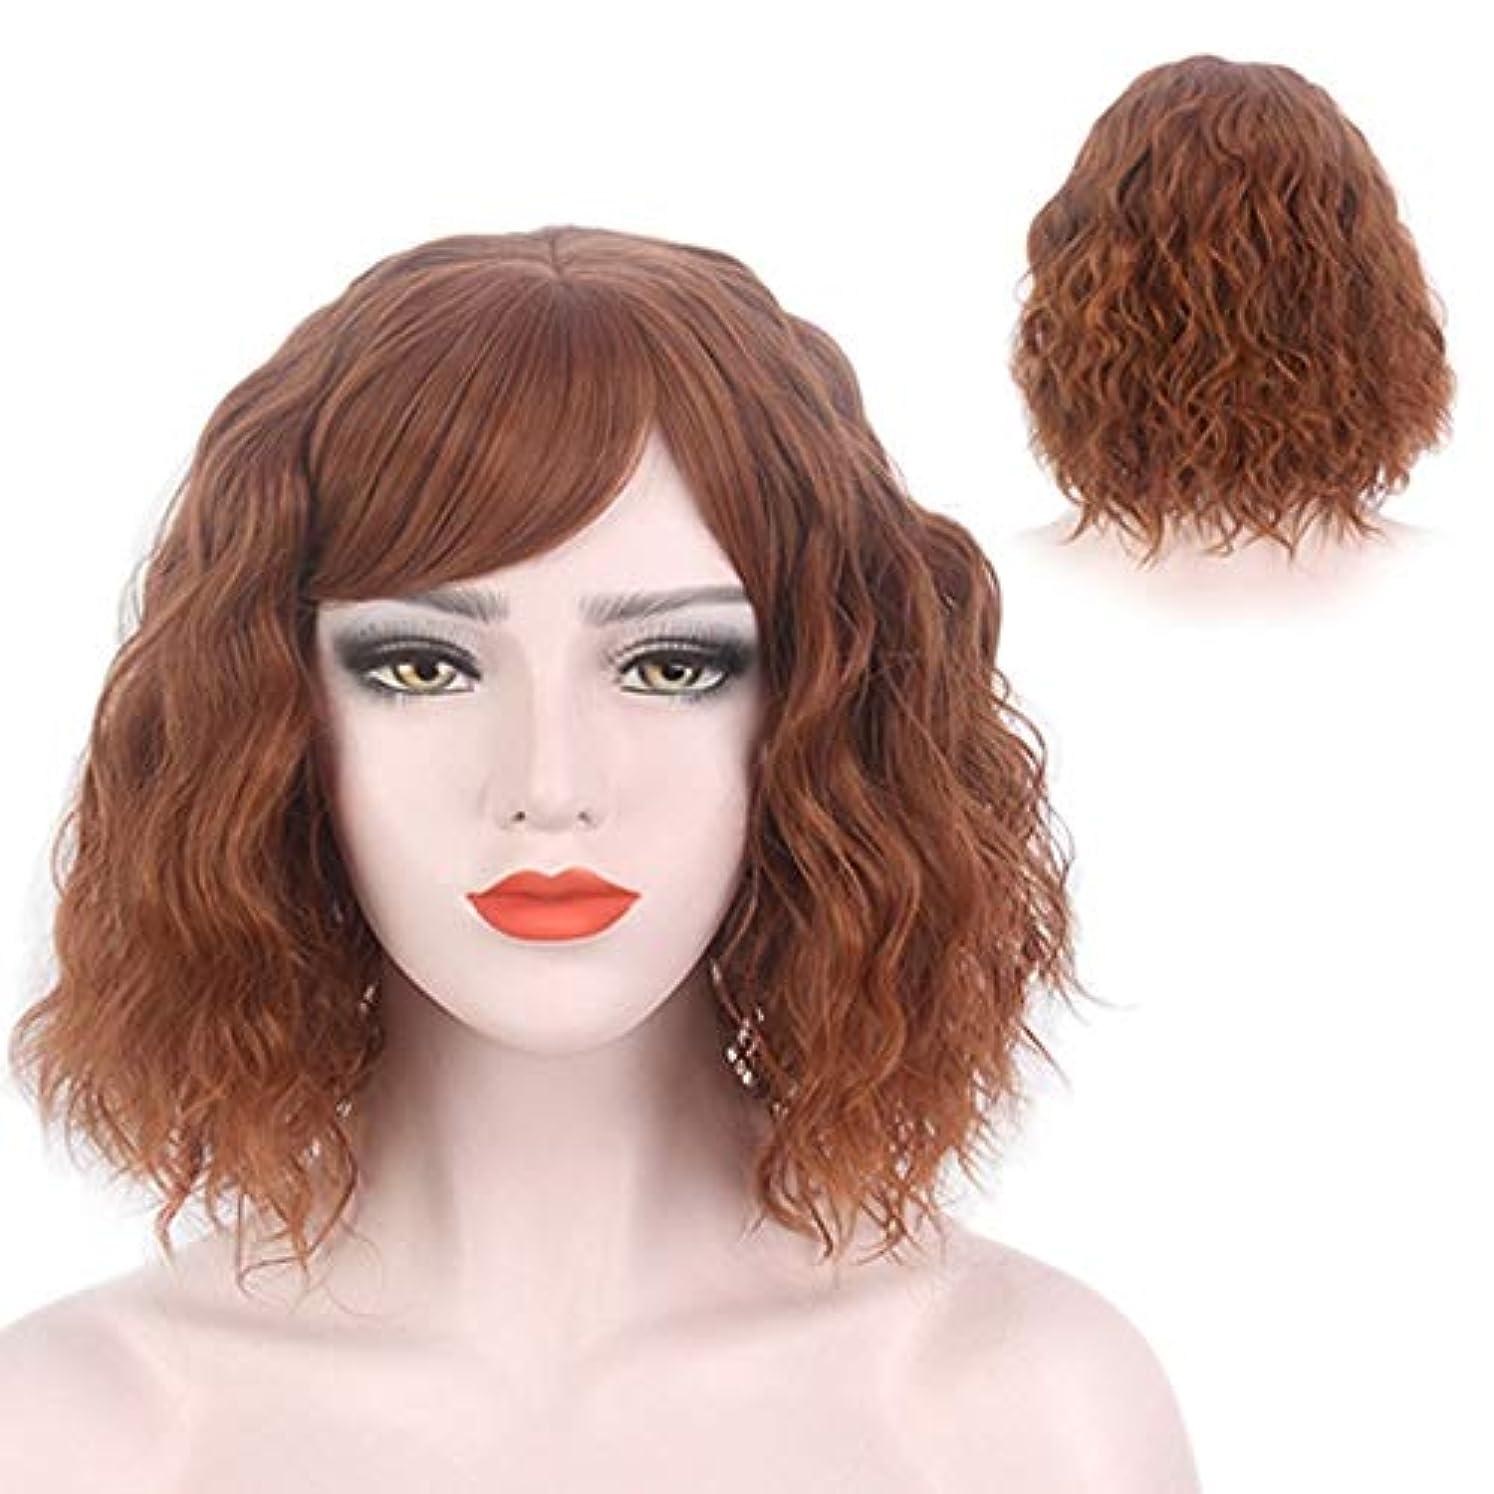 ダウンタウン名門ラジエーターYOUQIU 女性のブラウンボブウィッグ自然な耐熱合成ファッションかつらウィッグ用ショートカーリーウィッグ (色 : ブラウン)